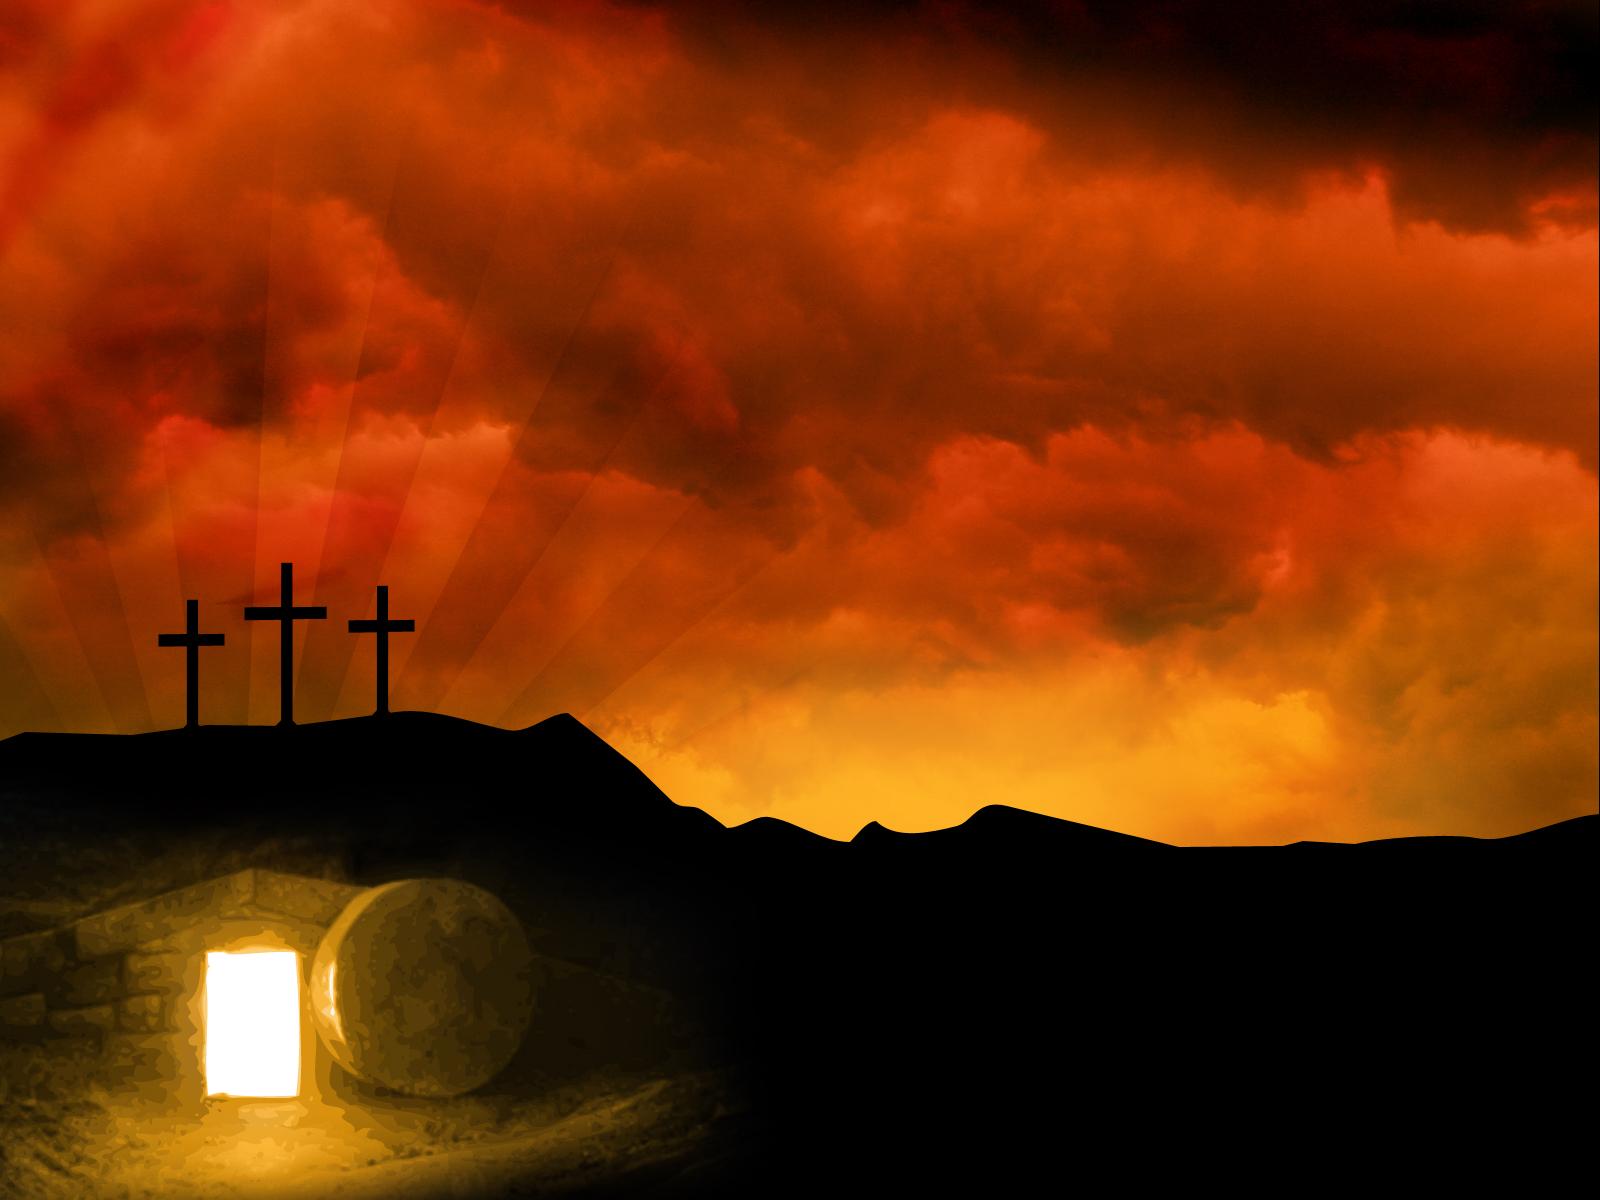 Easter Cross Wallpaper...